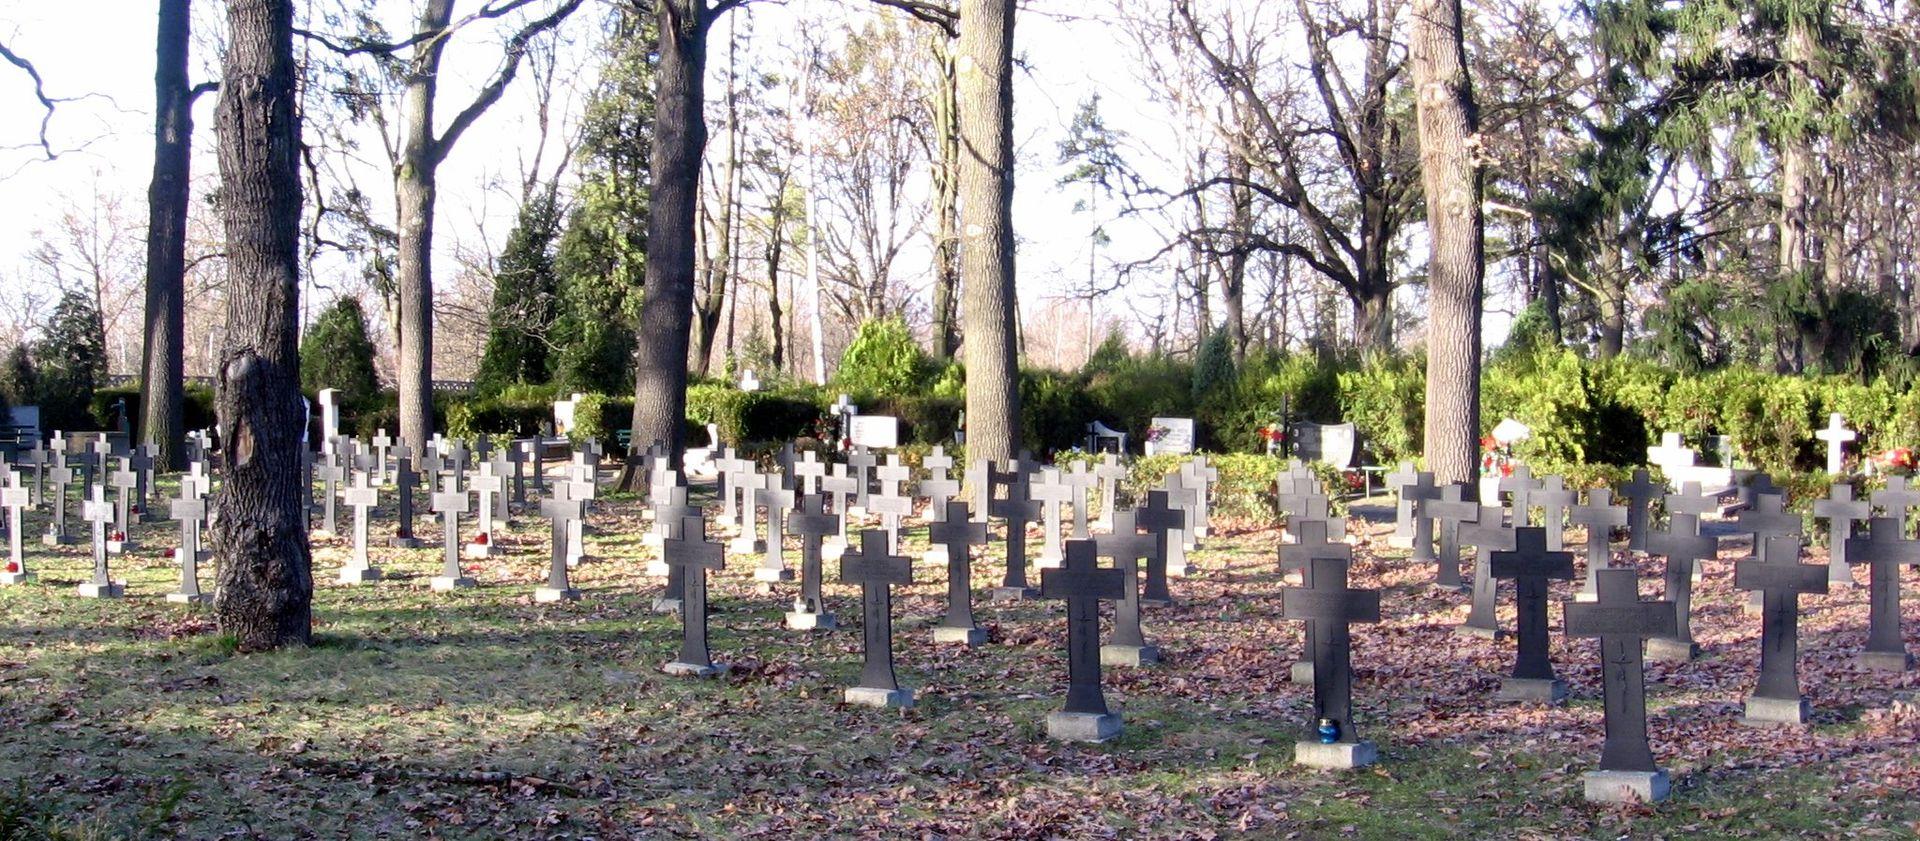 Cmentarz Osobowicki we Wrocławiu (fot. wikipedia.org/Julo - praca własna)